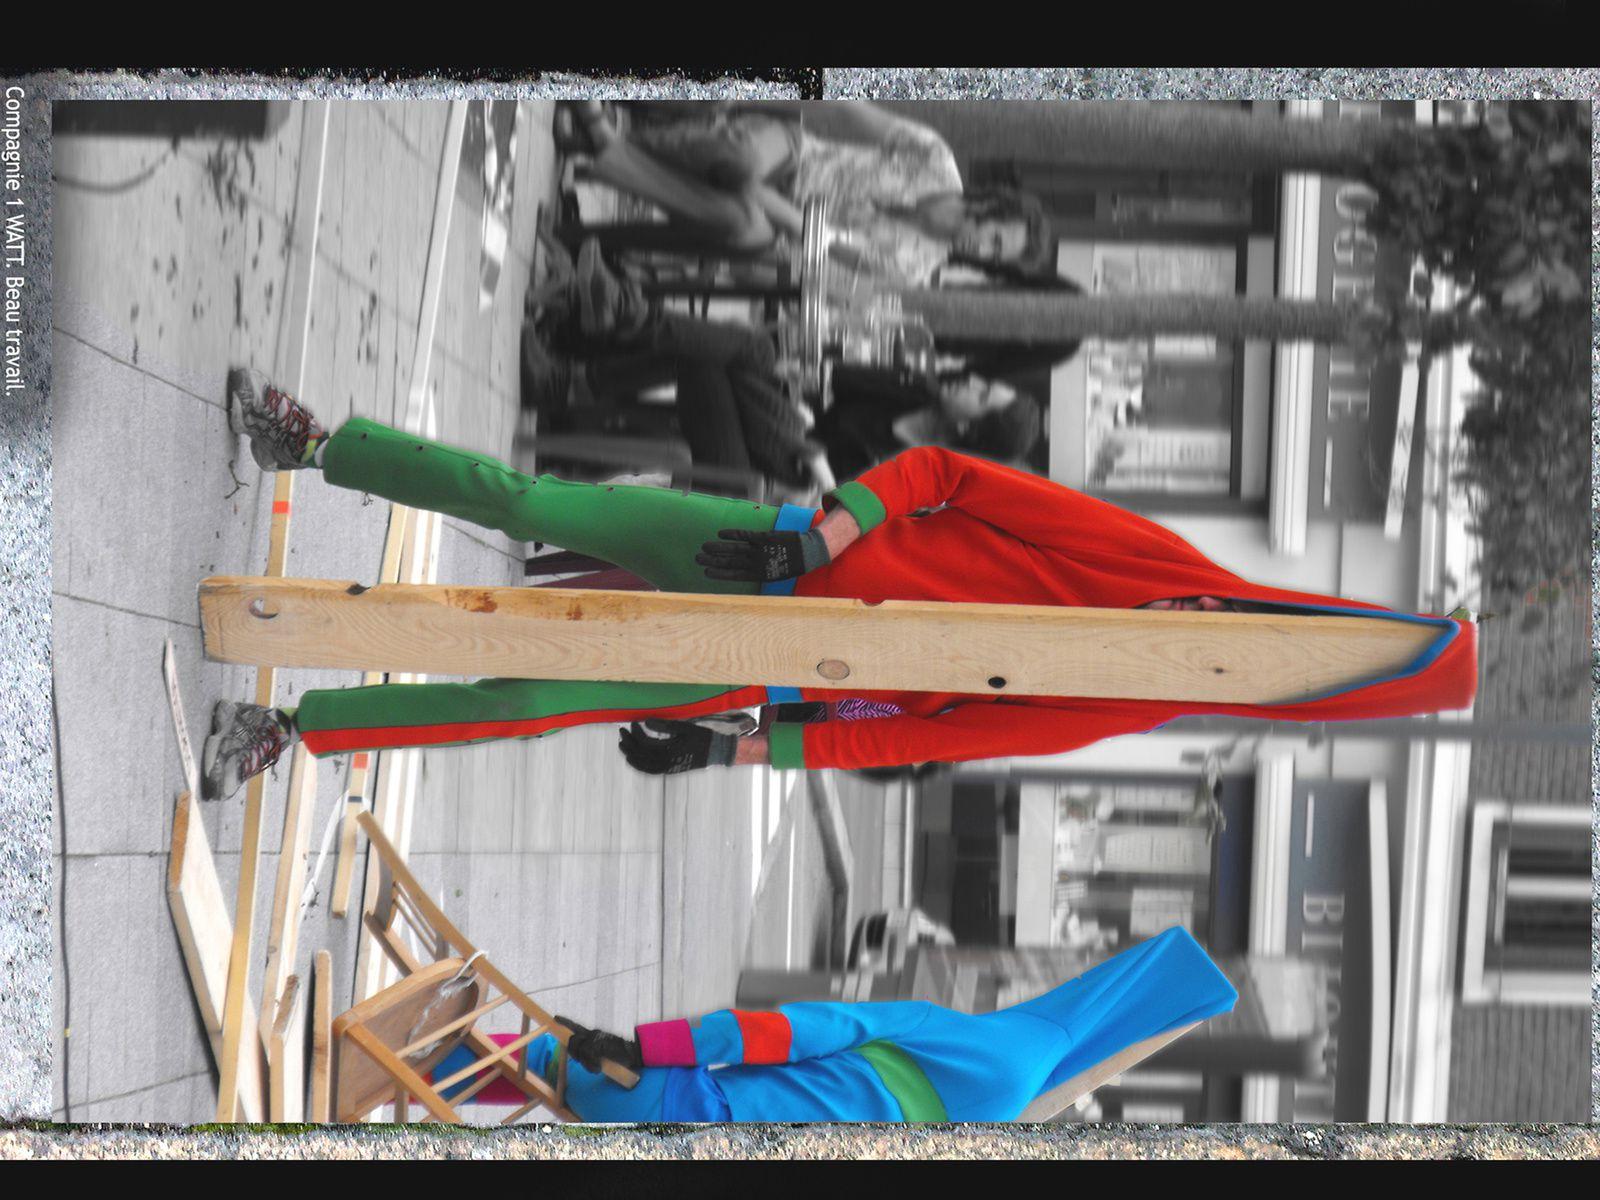 EXPOSITION 2012 PORTAITS d'ARTISTES ET d'ENGINS